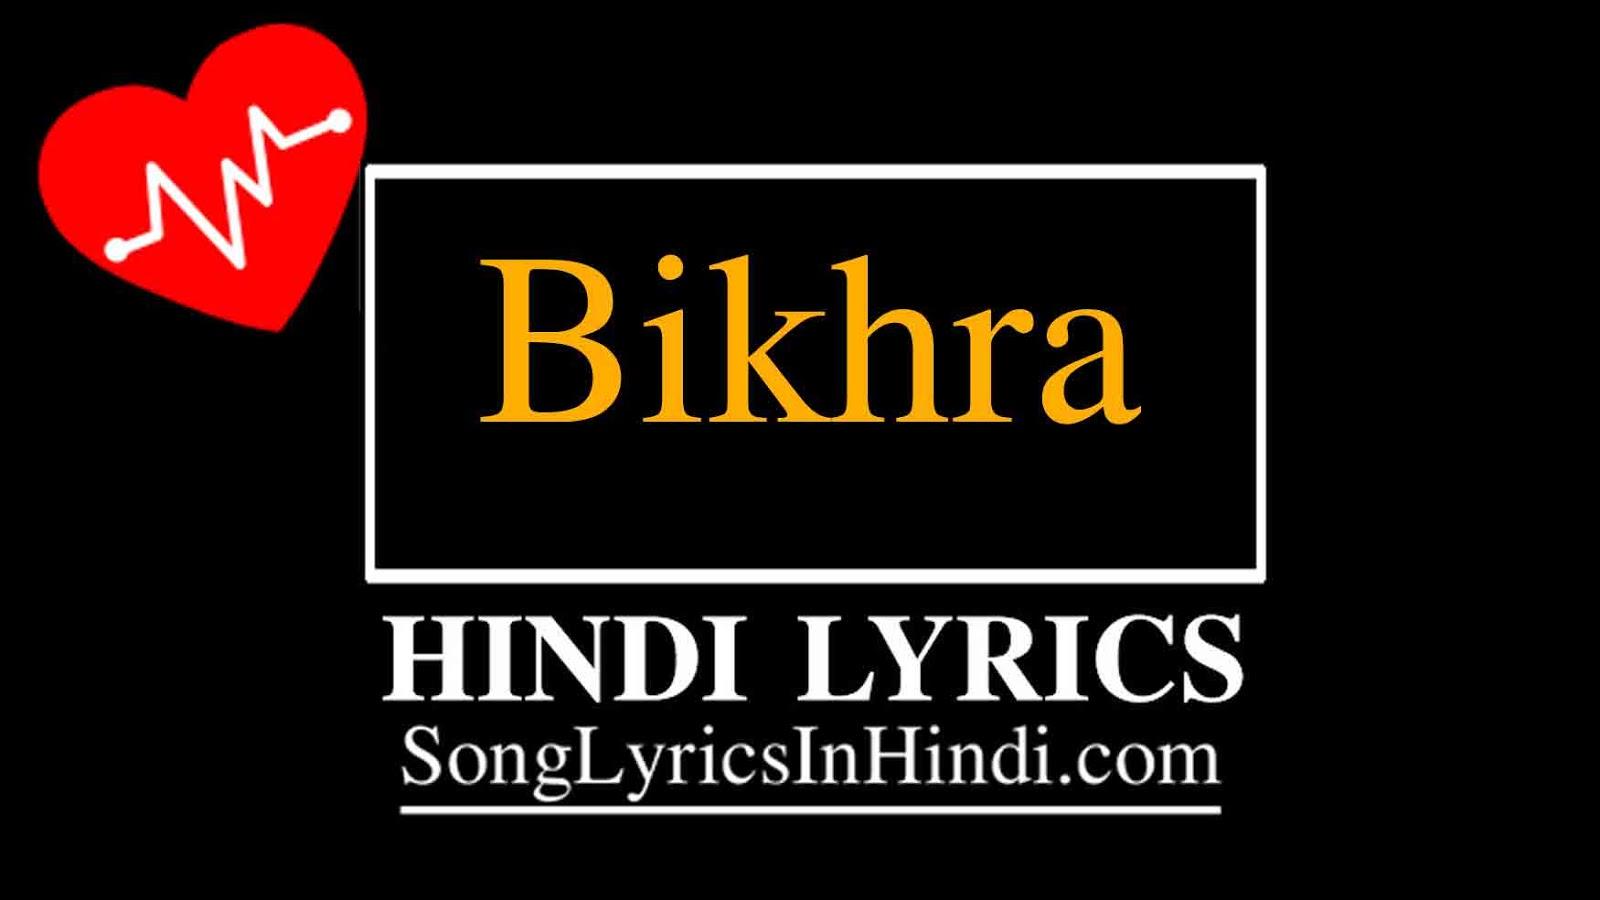 Bikhra Song Lyrics Hindi:- Jayanshul Gami